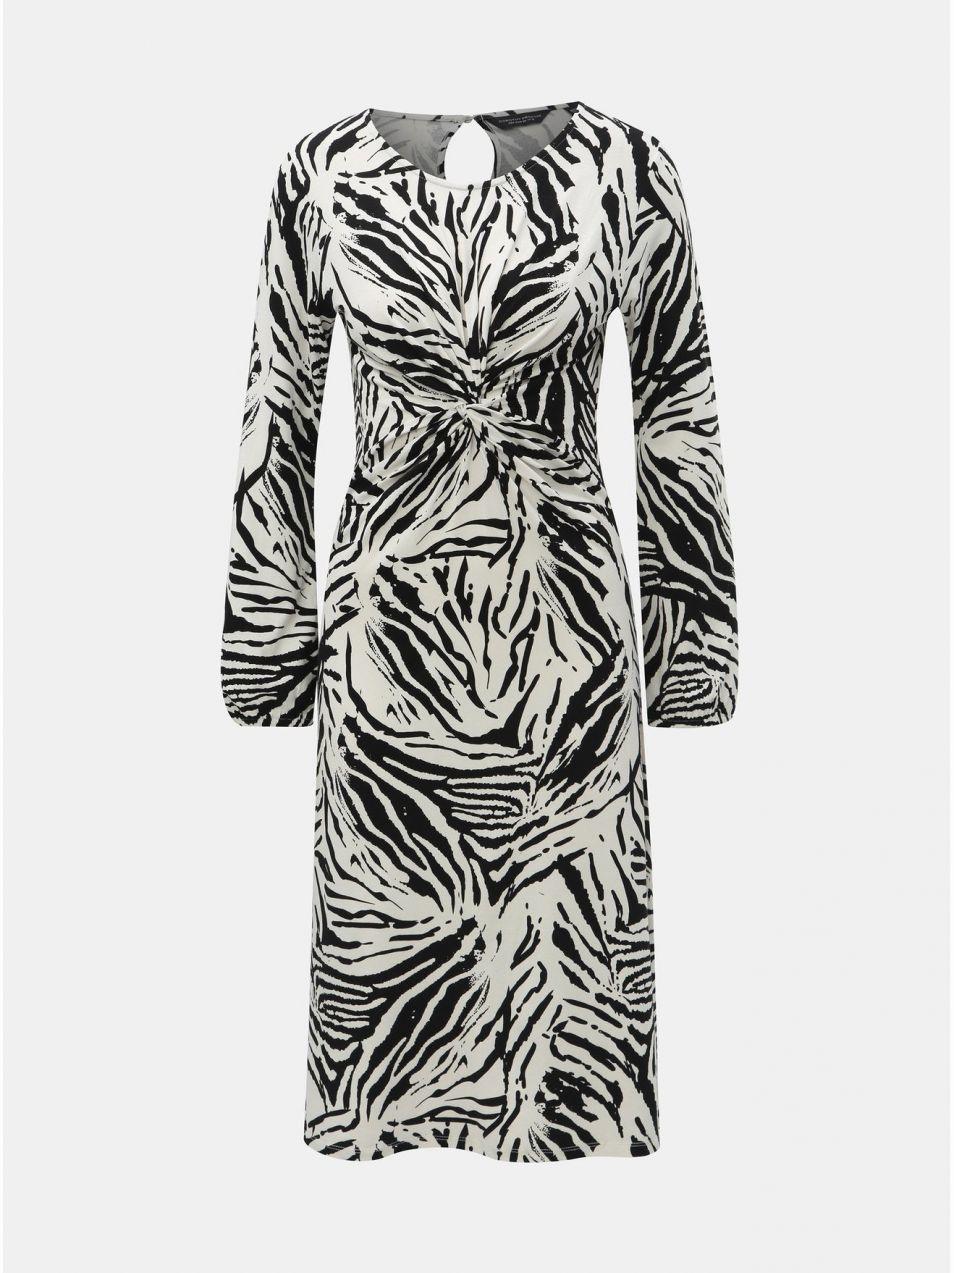 66d55d89f995 Čierno–biele vzorované šaty s riasením na bruchu Dorothy Perkins značky  Dorothy Perkins - Lovely.sk